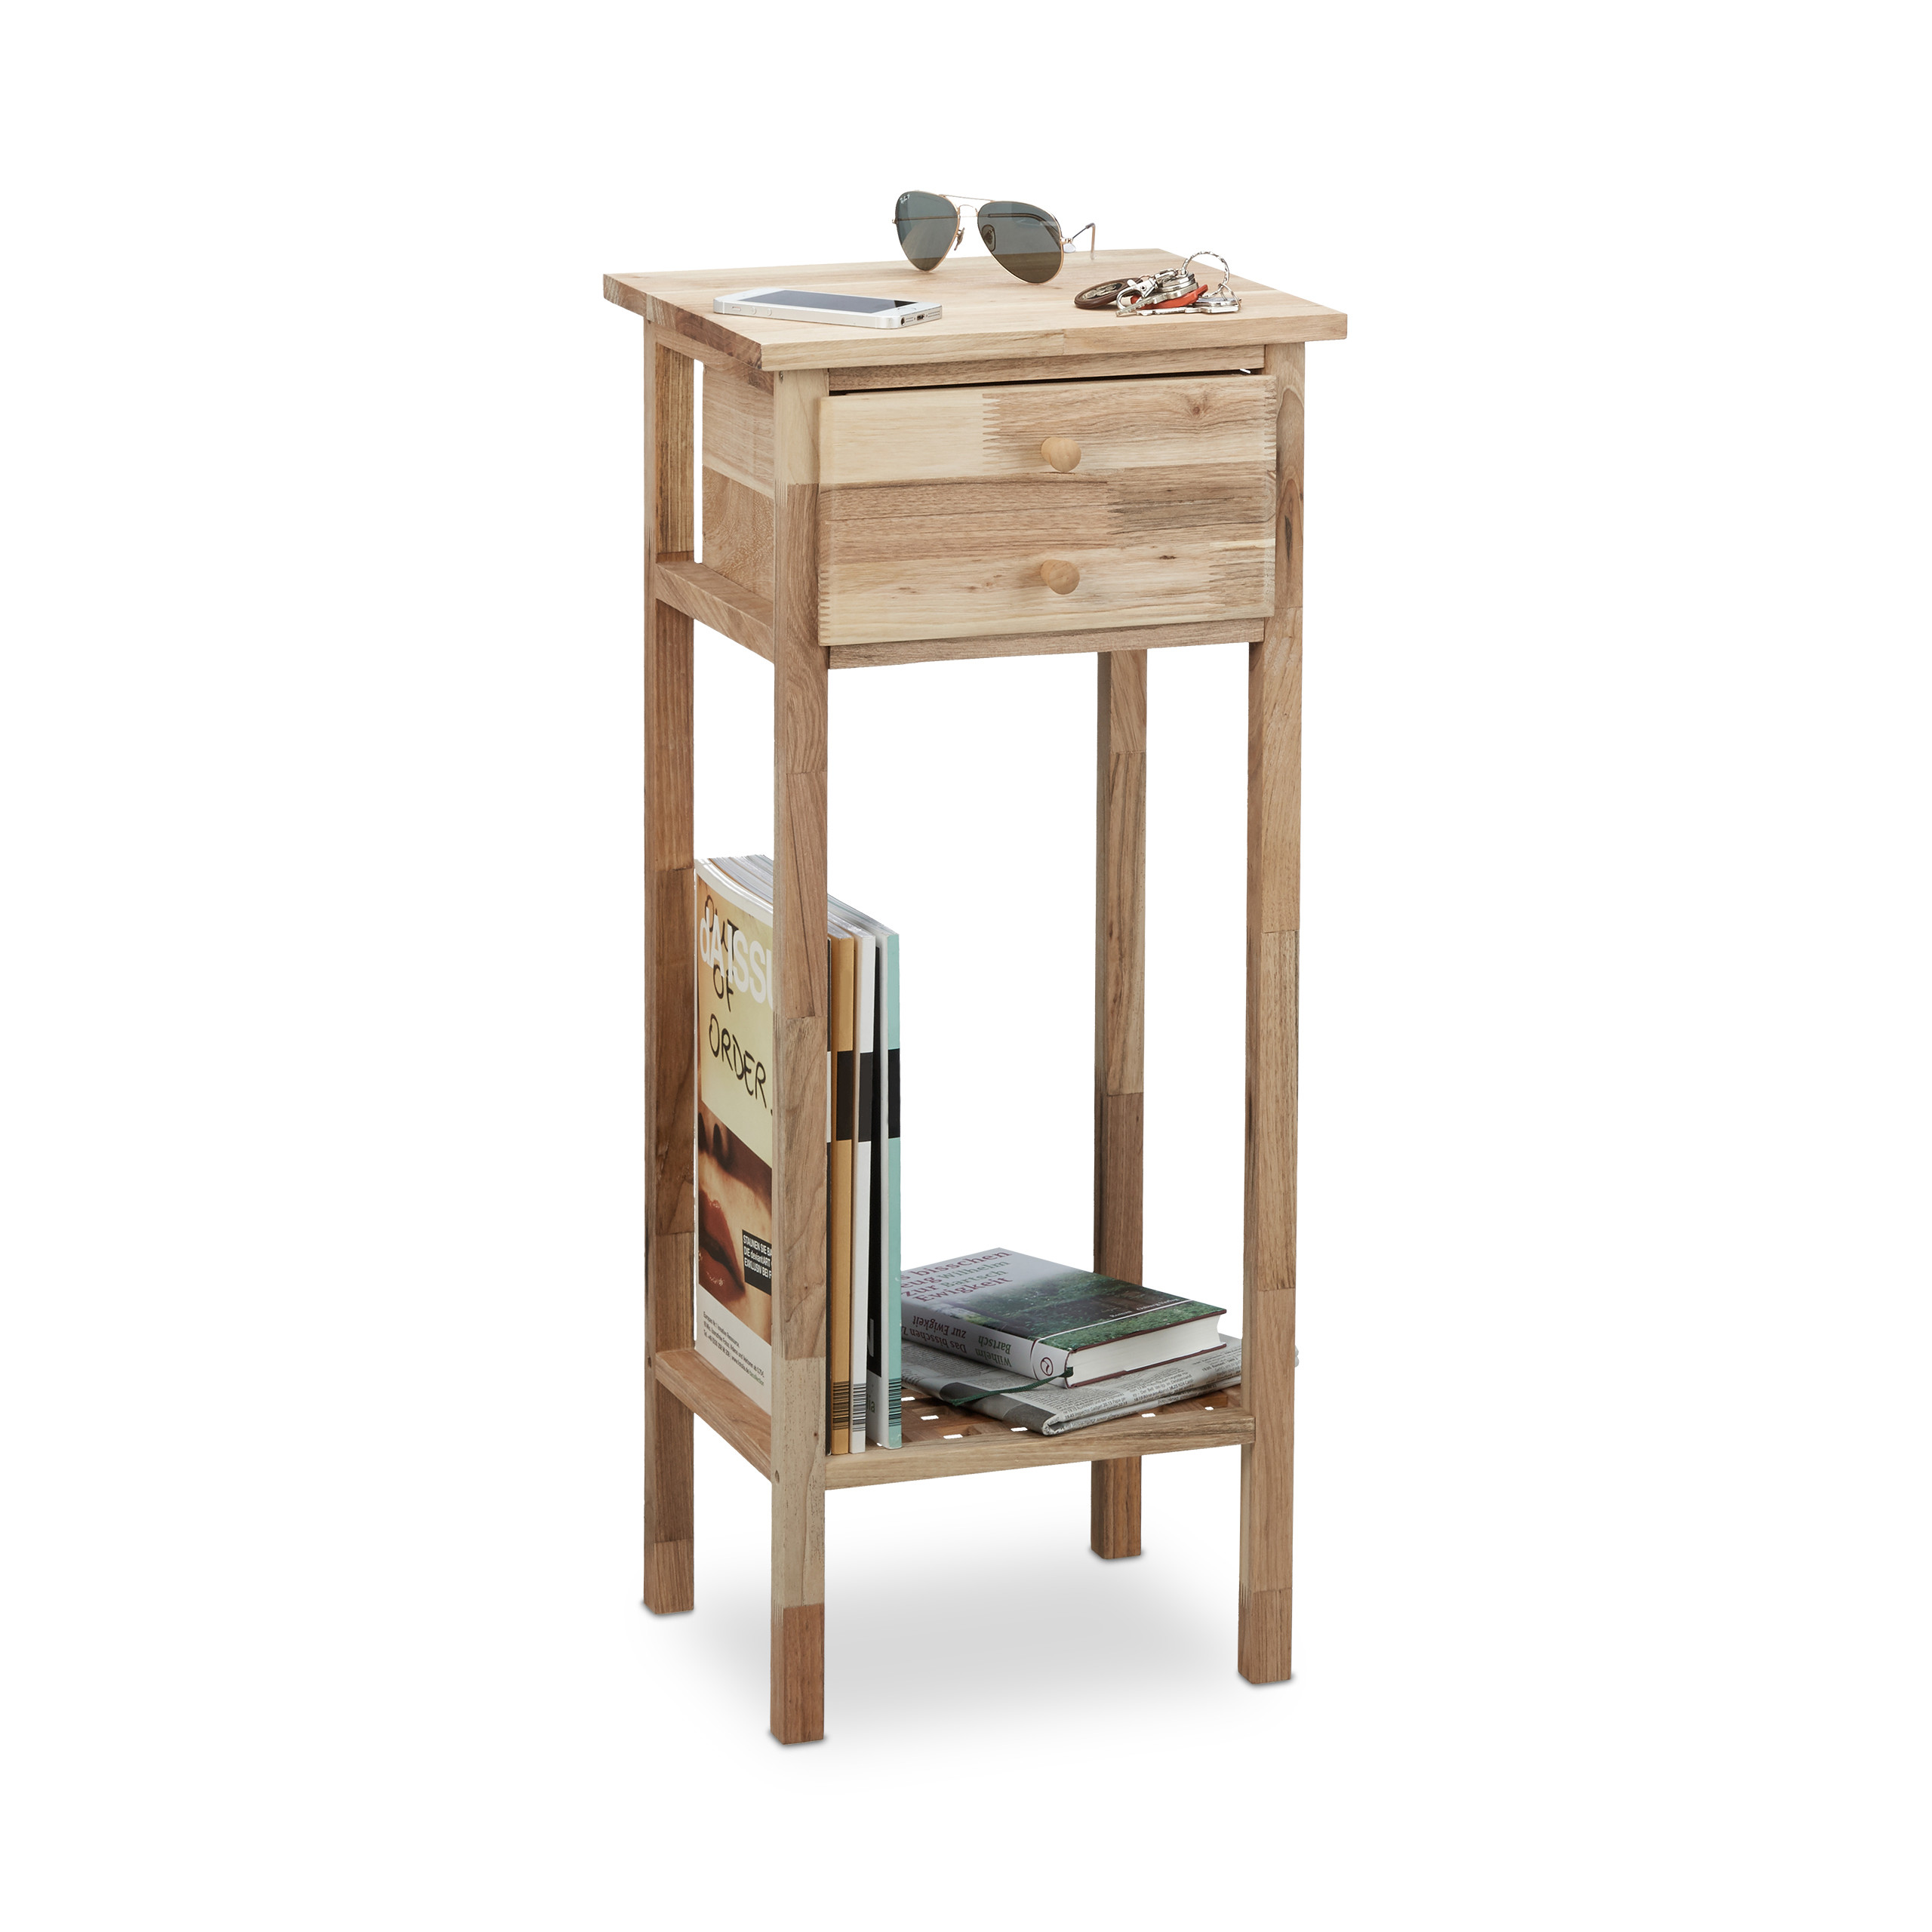 Telefontisch Holz Holztisch Beistelltisch Walnussholz Abstelltisch Schublade